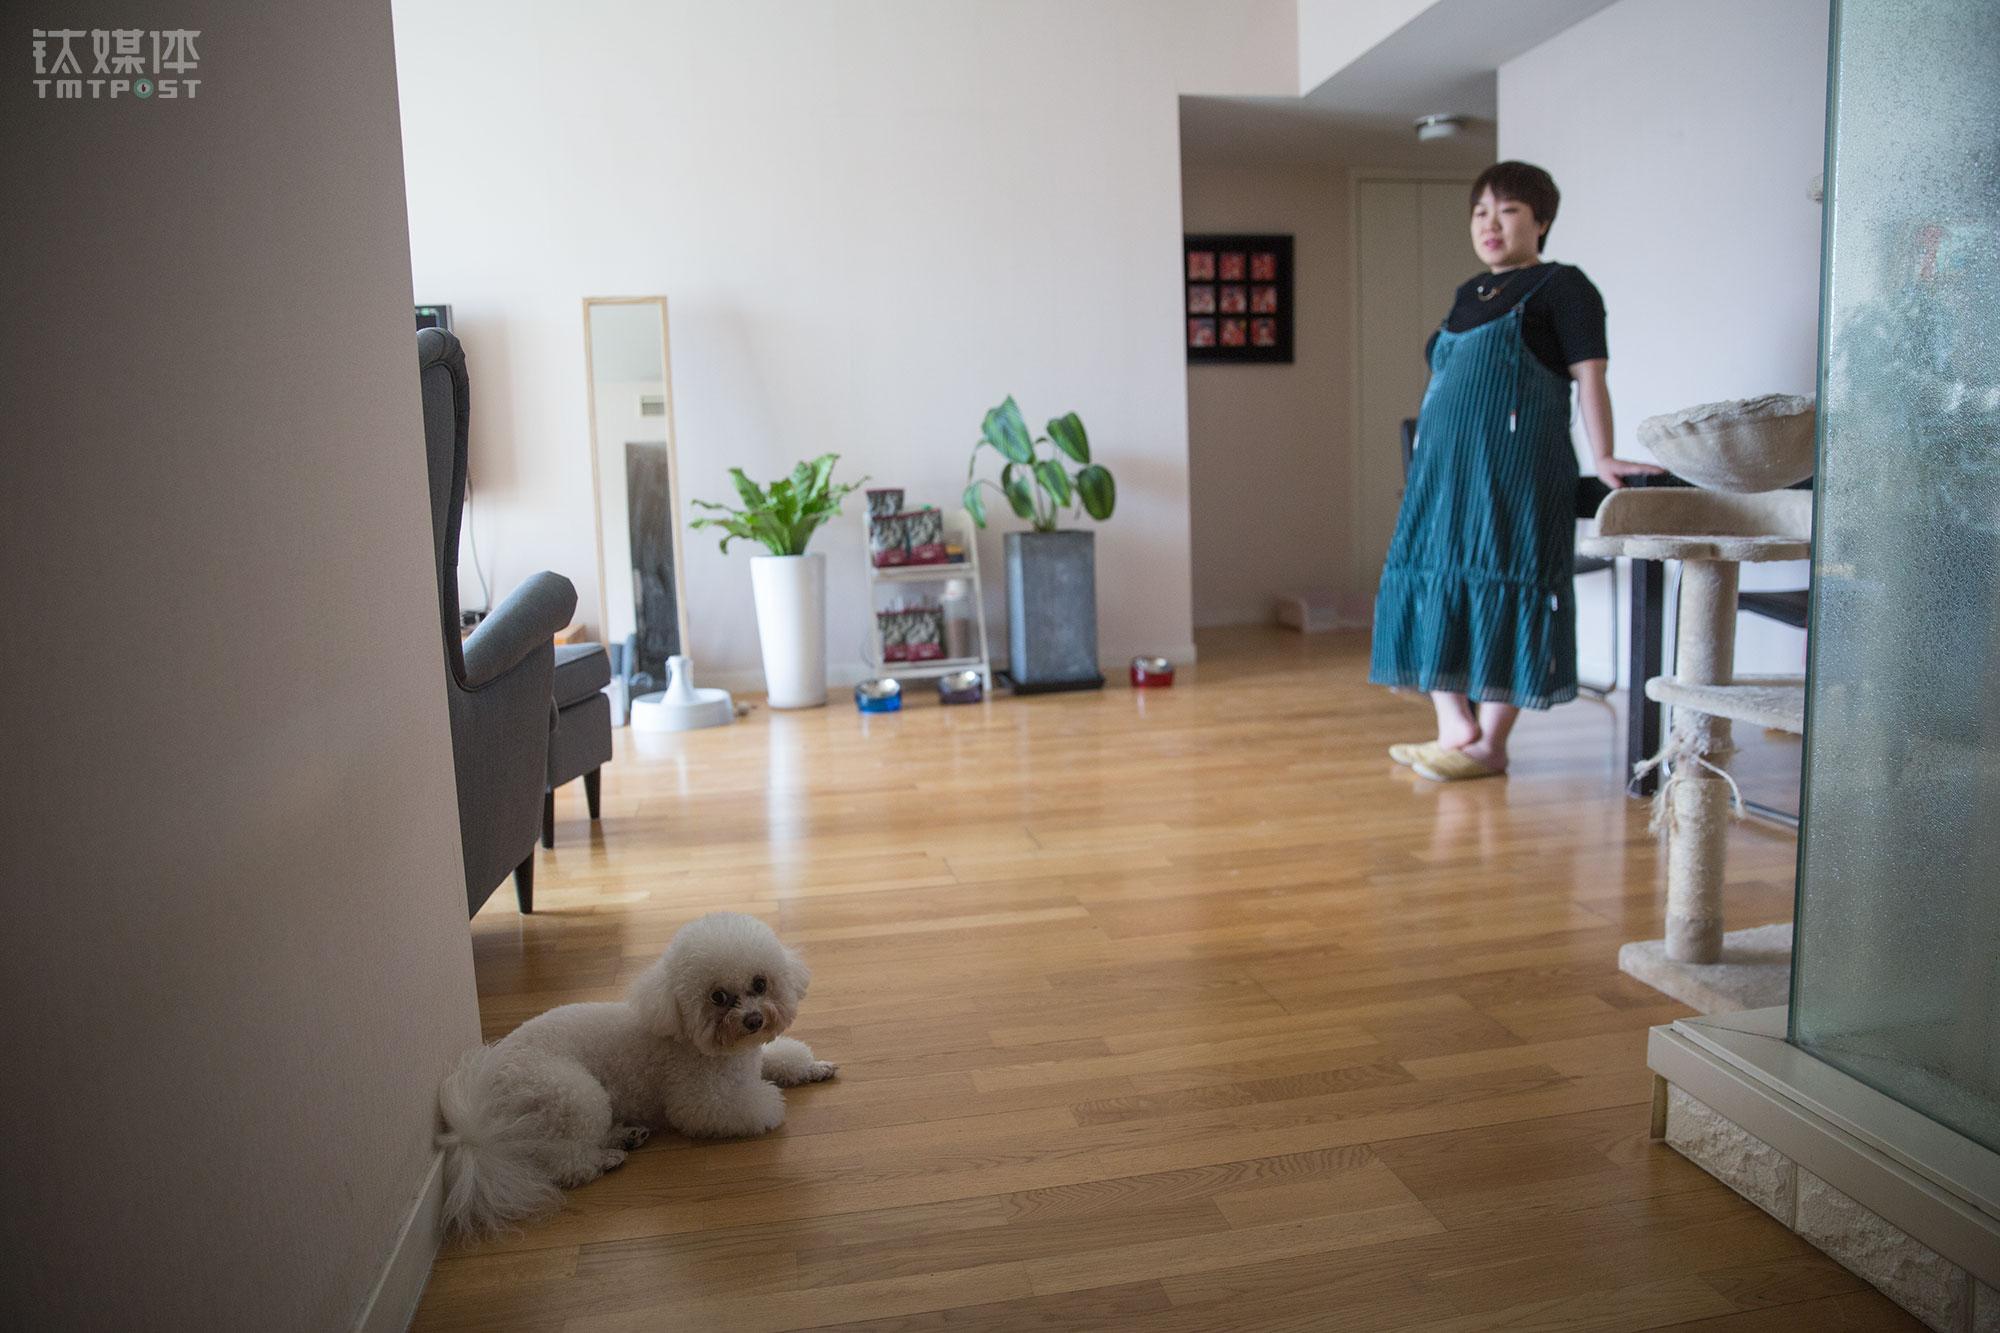 """4月11日,北京,准妈妈董杰妮在自己家,小狗Apple正趴在地板上休息。她的孩子9月份就要出生,对这个家庭来说,这个孩子将是家里的""""老四"""",她已经有一个""""女儿""""两个""""儿子"""",也就是小狗Apple和两只小猫。"""